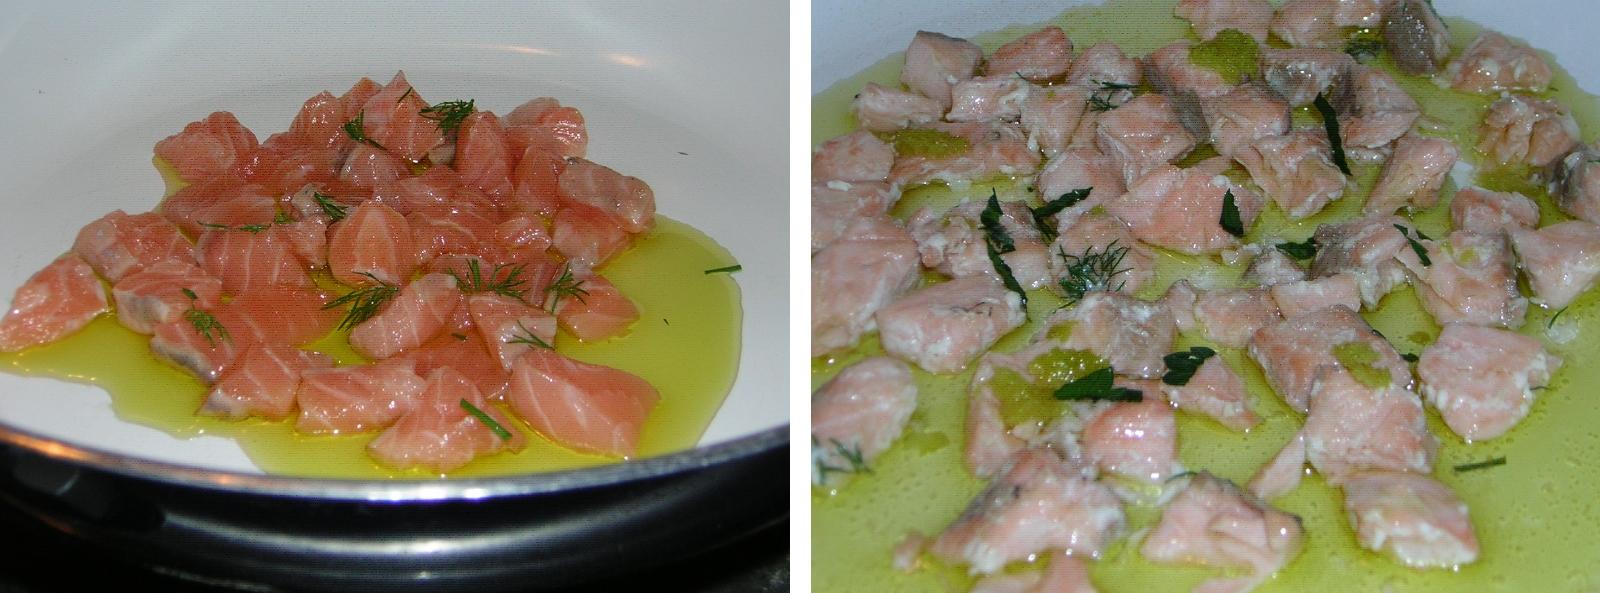 preparazione delle caserecce con salmone fresco